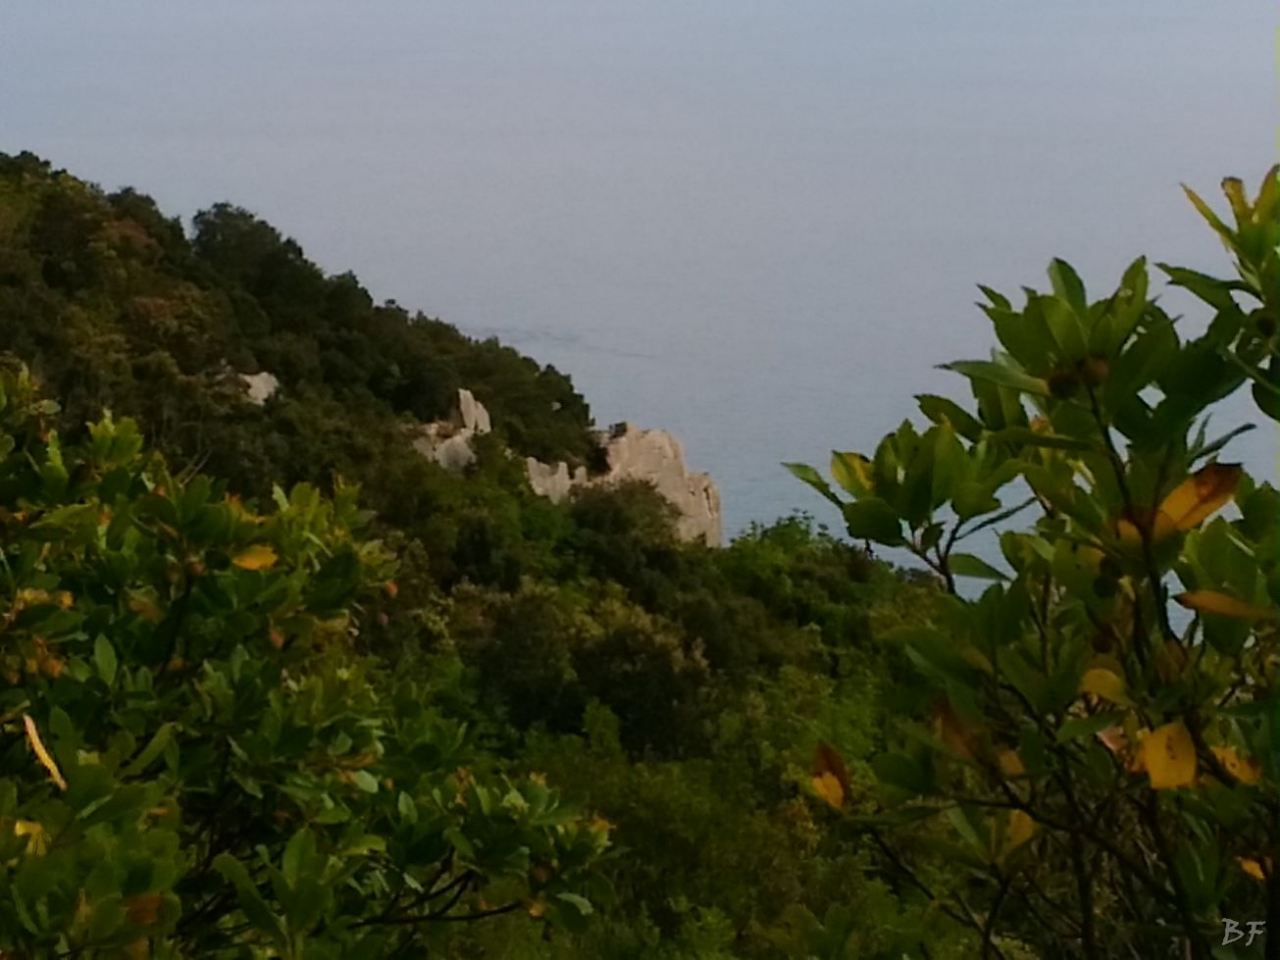 Circeii-Mura-Megalitiche-Poligonali-Latina-Lazio-Italia-15